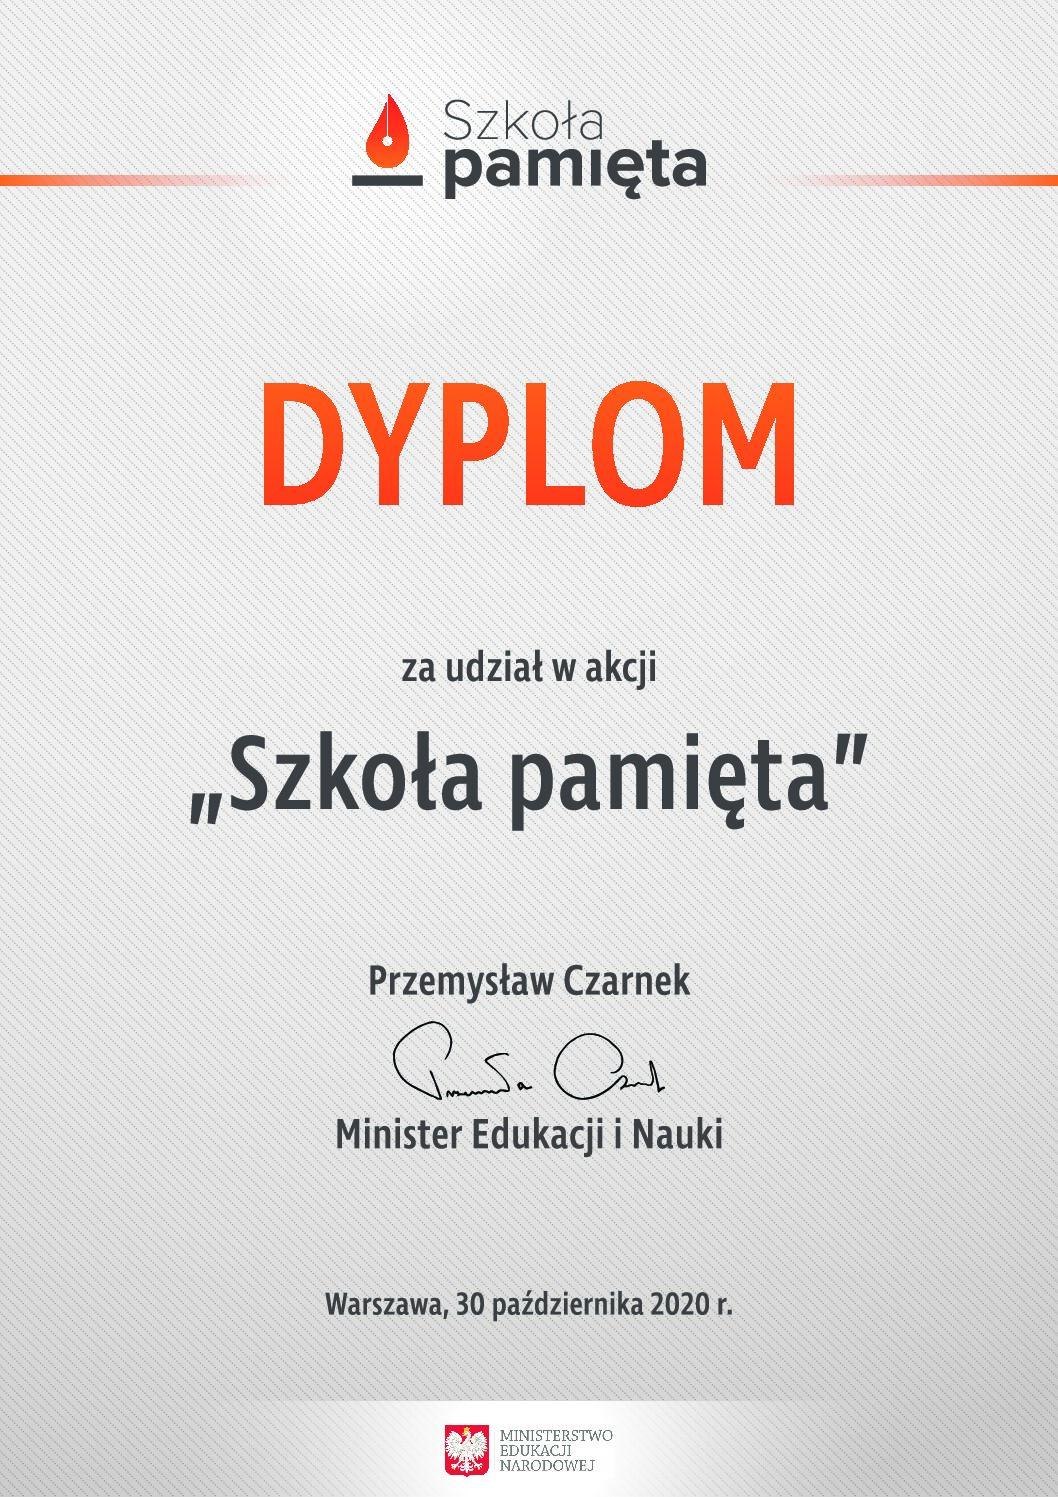 Podziękowanie od Ministra Edukacji i Nauki